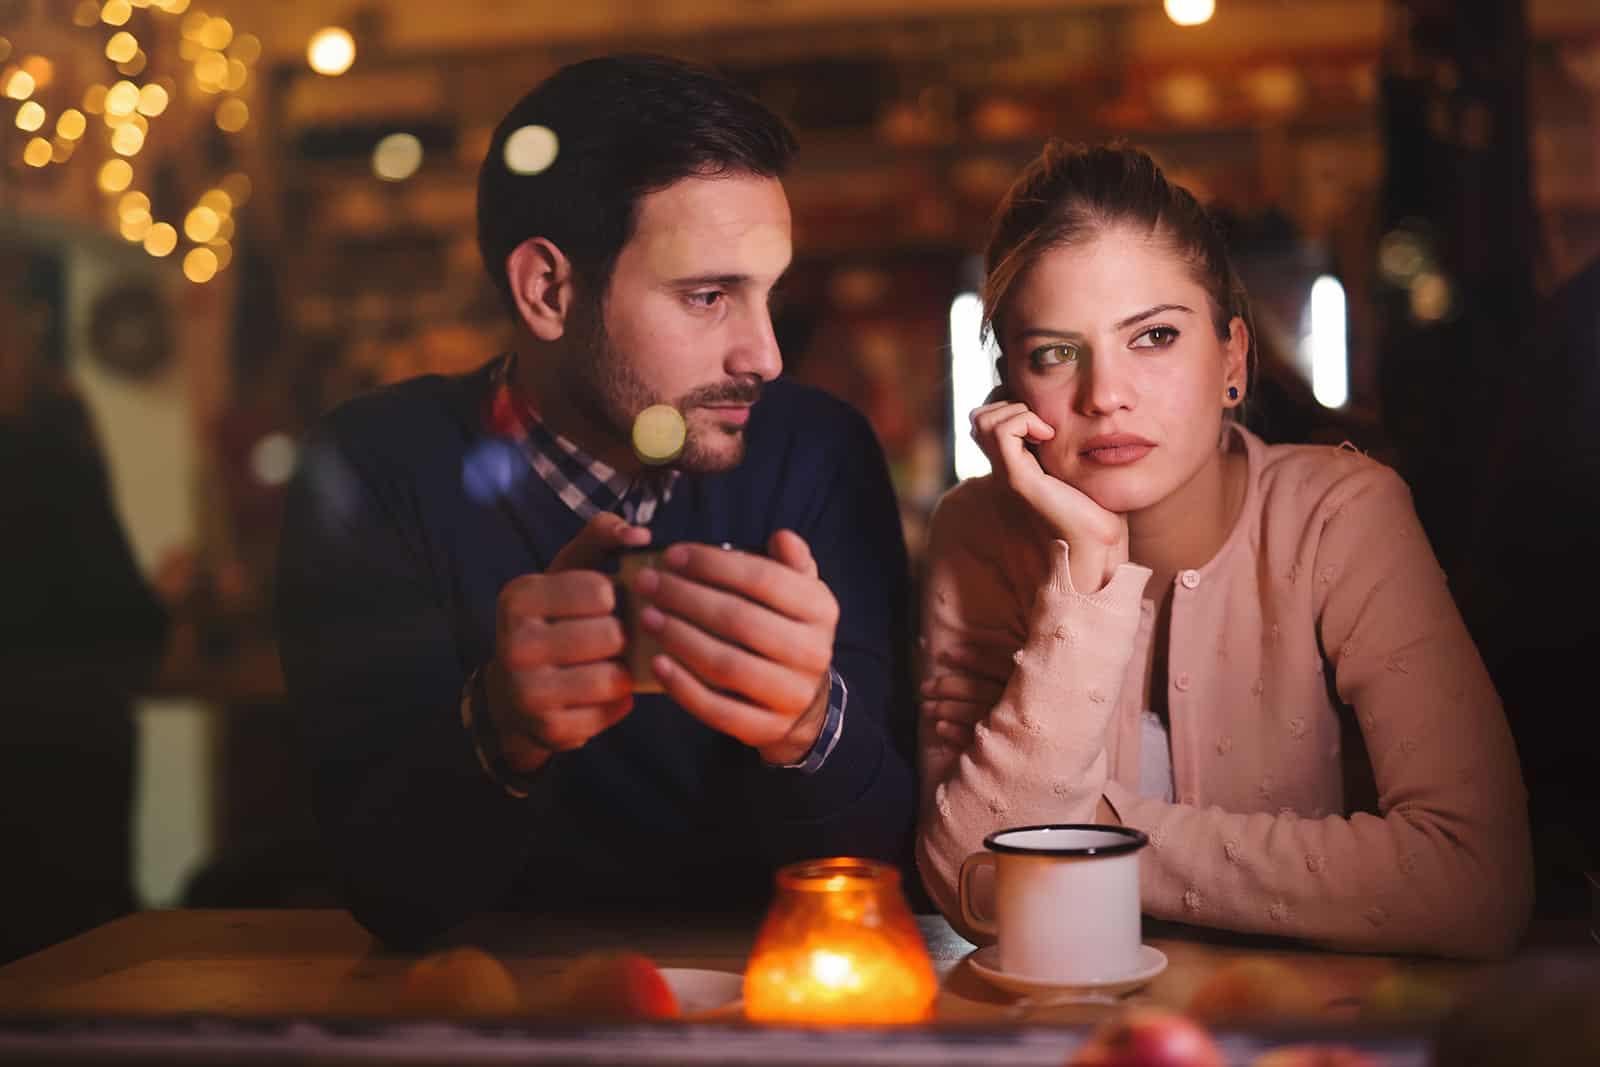 nachdenkliche Frau, die mit ihrem Freund in einem Café sitzt und zur Seite schaut